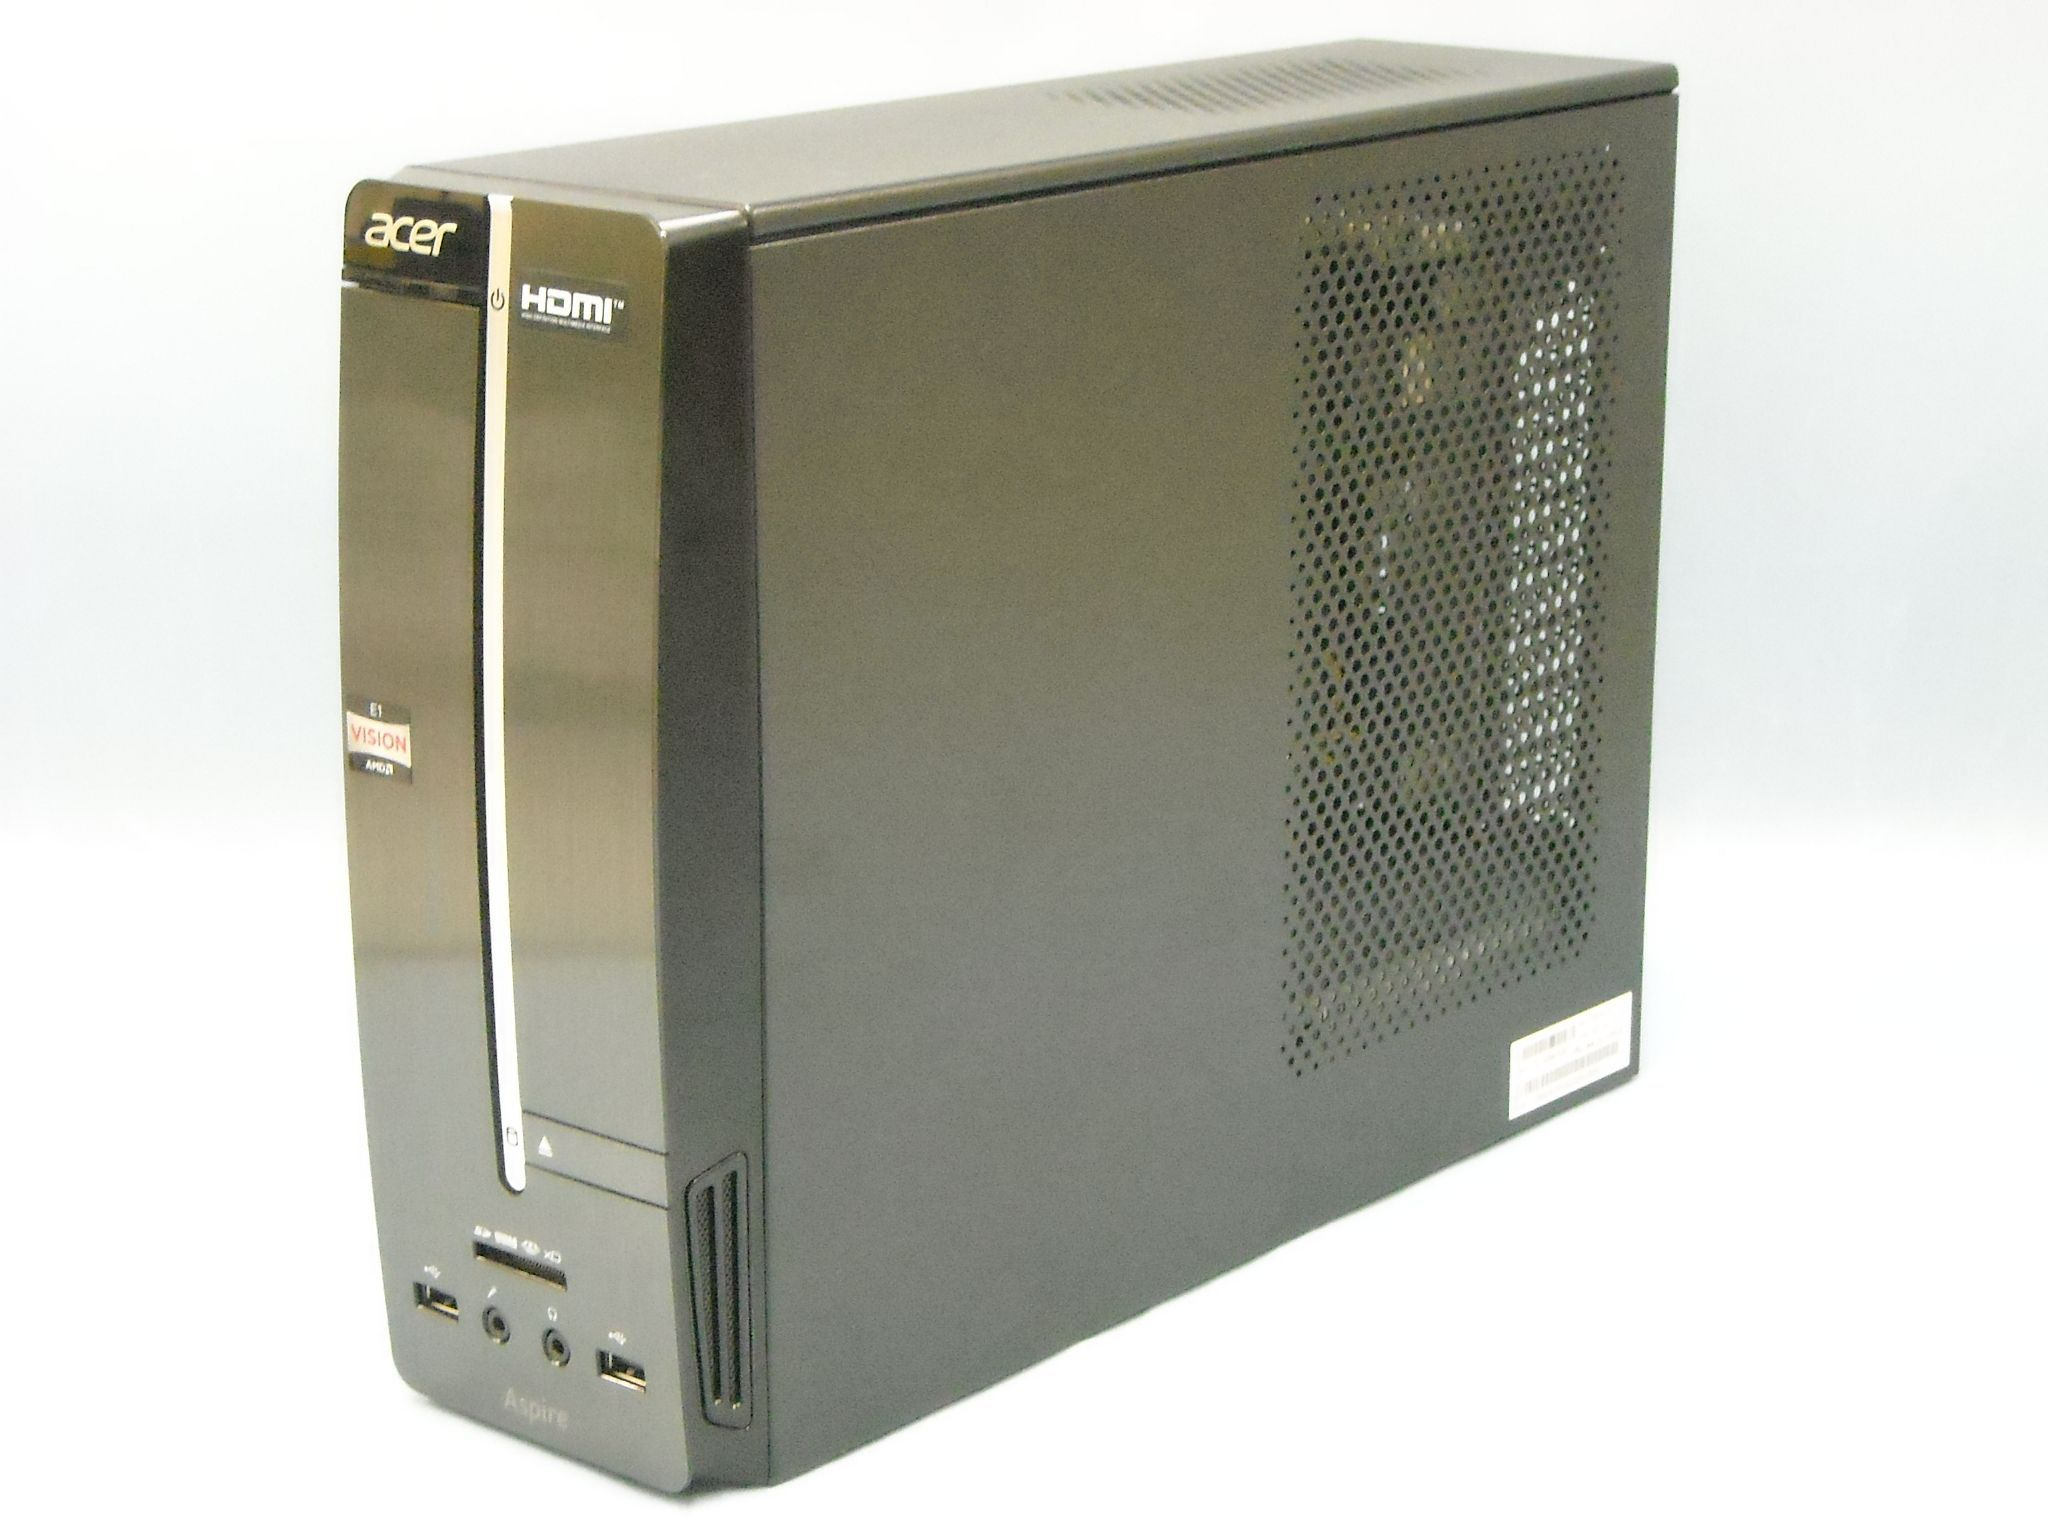 acerデスクトップPC買取 名古屋の出張買取ならハードオフ西尾